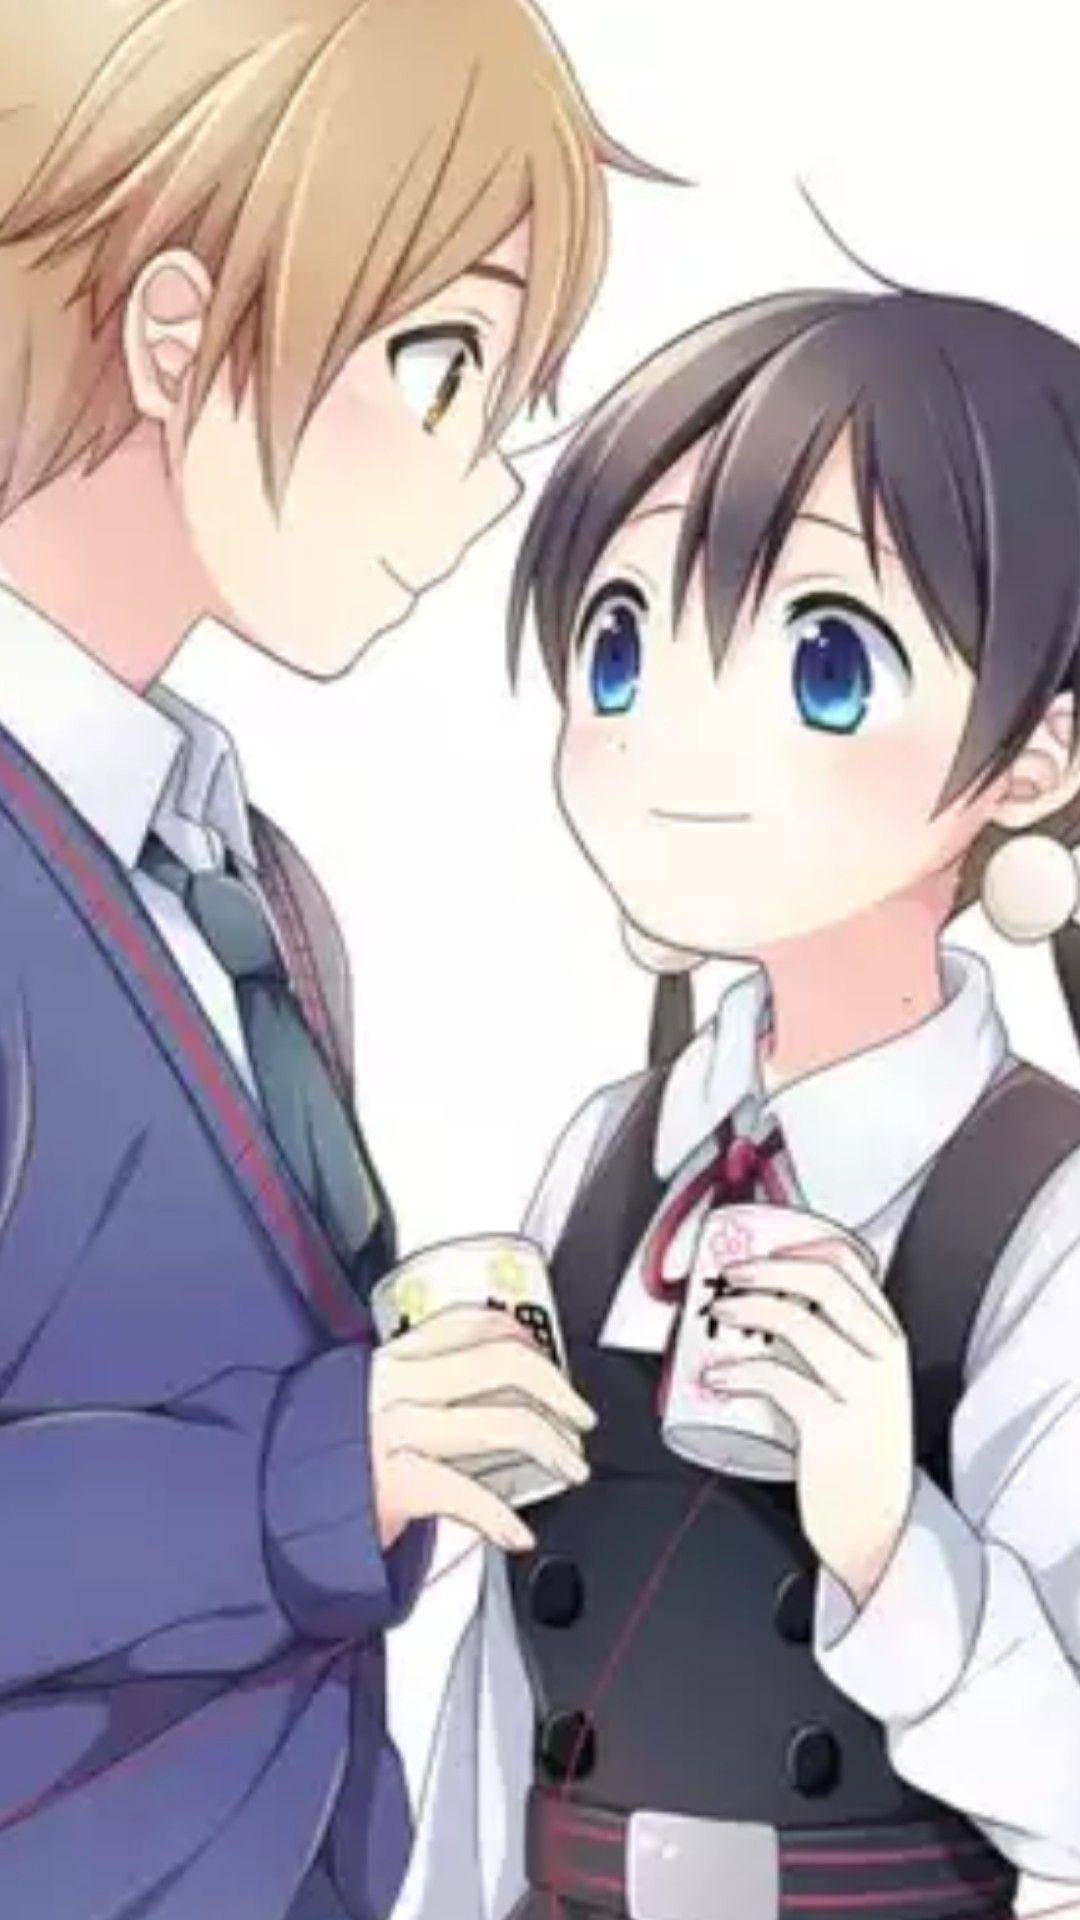 Love! Anime girl And anime boy, anatomia 8 | anatomia (anime ...